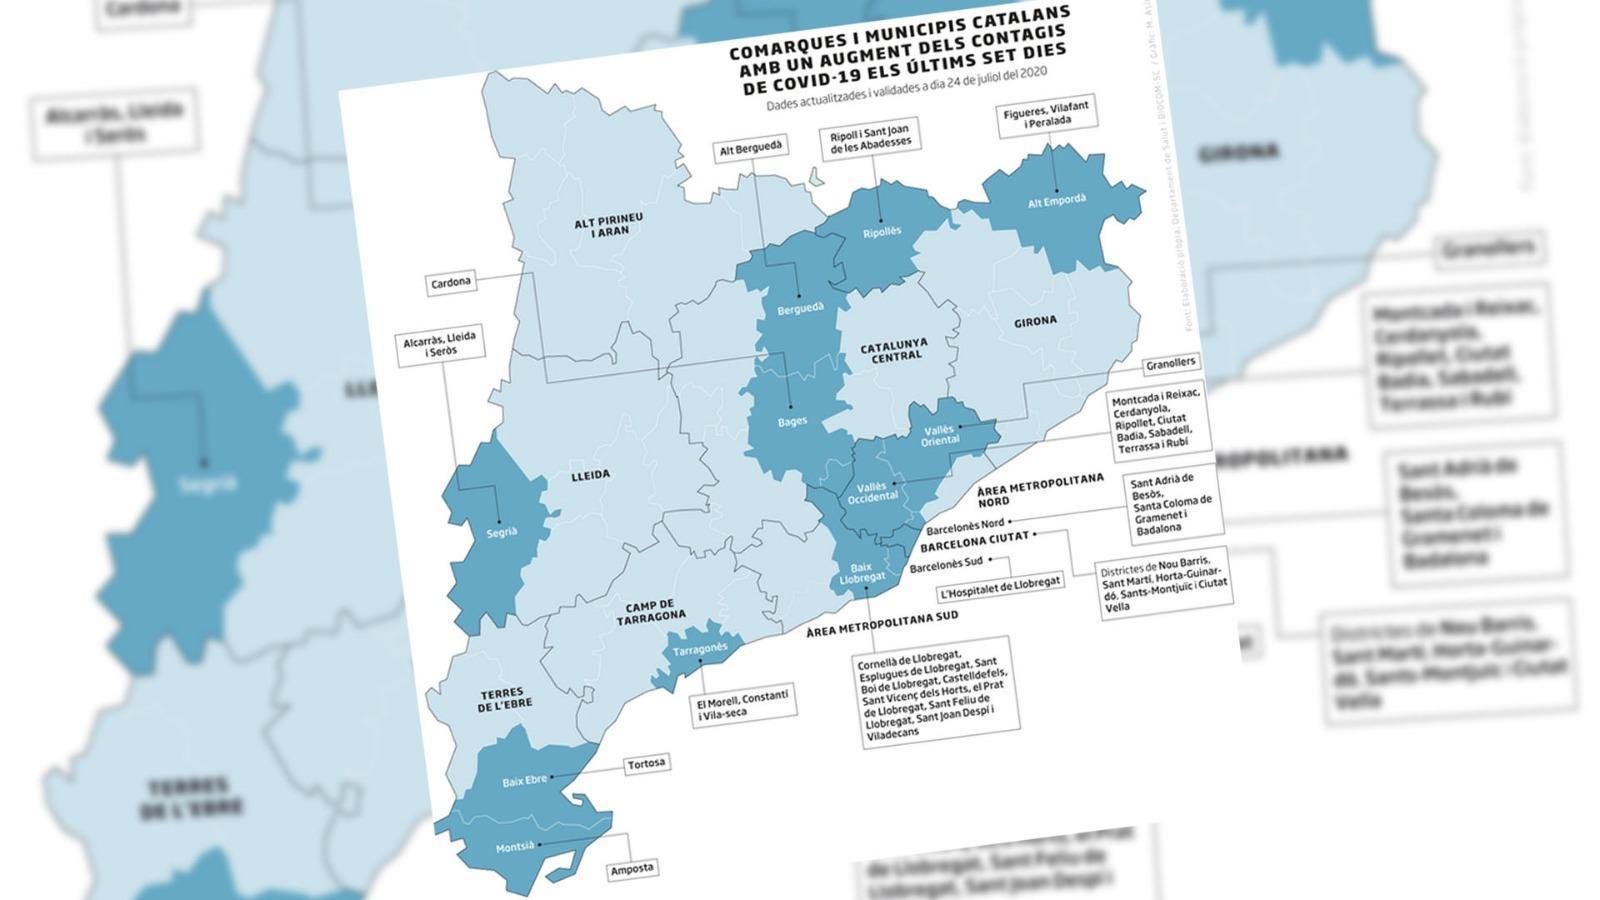 Augment de contagis en 40 municipis, Simón diu que les restriccions britàniques són bones i Bargalló assegura que obriran totes les escoles: les claus del dia, amb Antoni Bassas (28/07/2020)